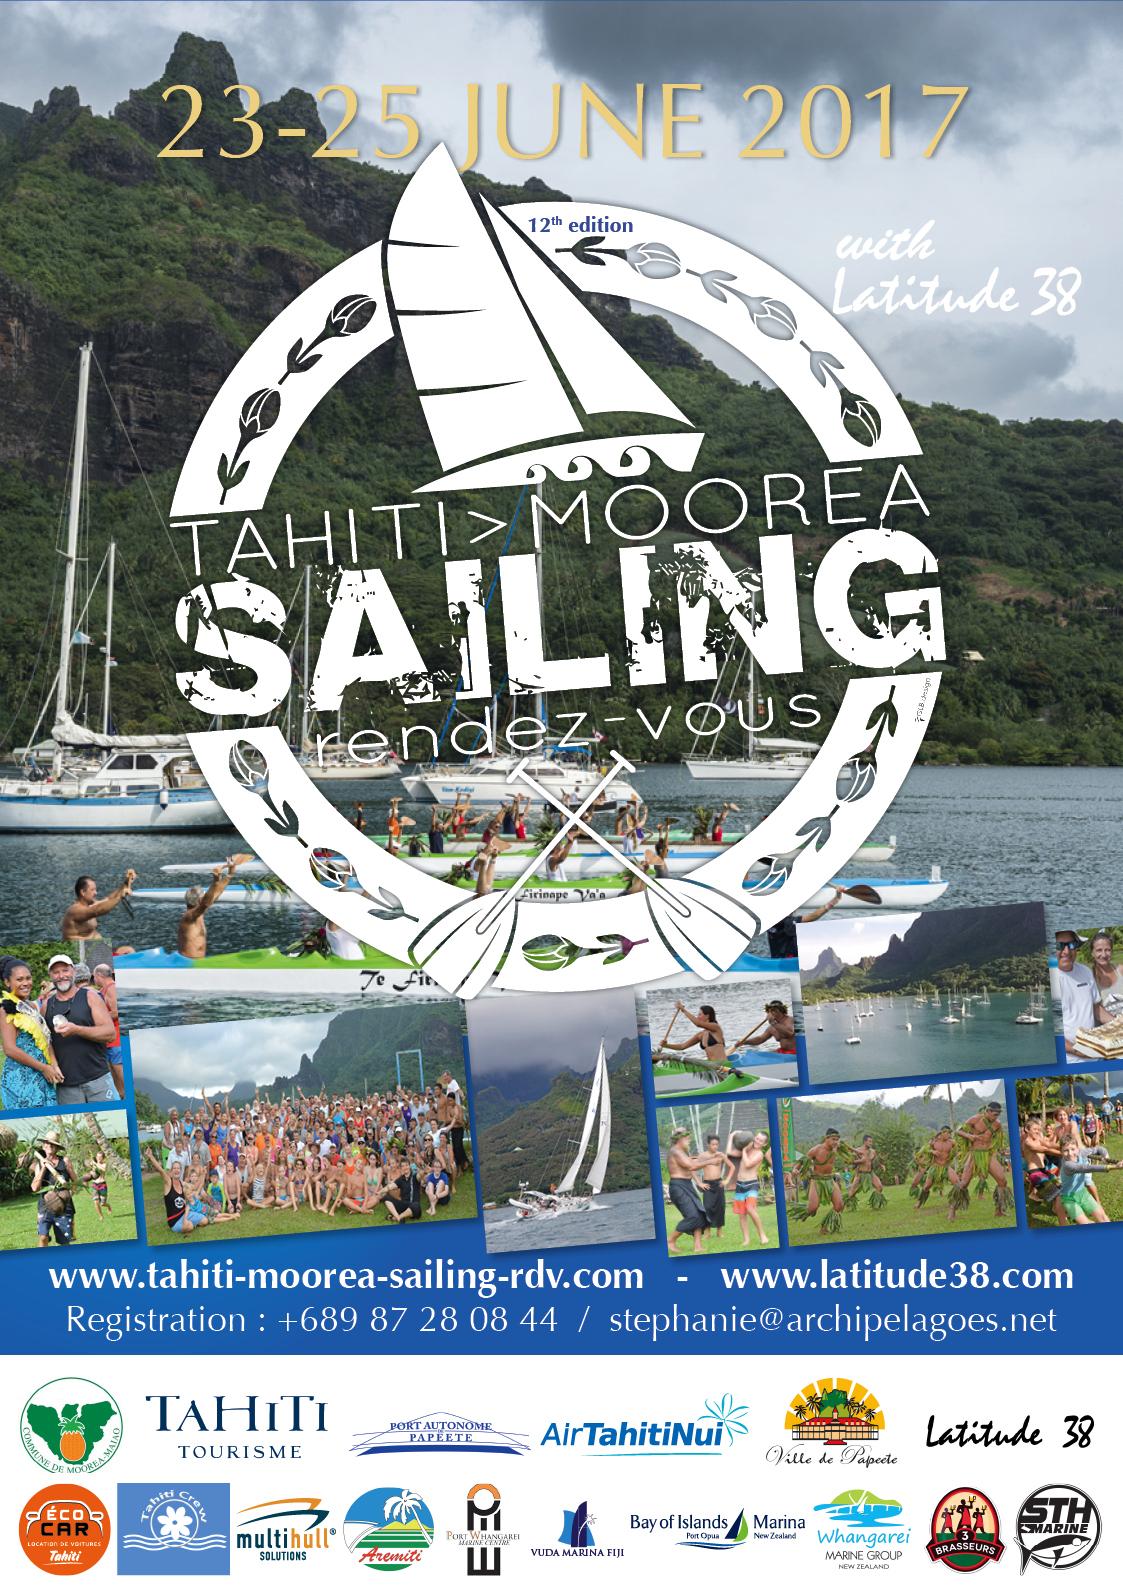 Tahiti Moorea Sailing, 3 jours de festivités